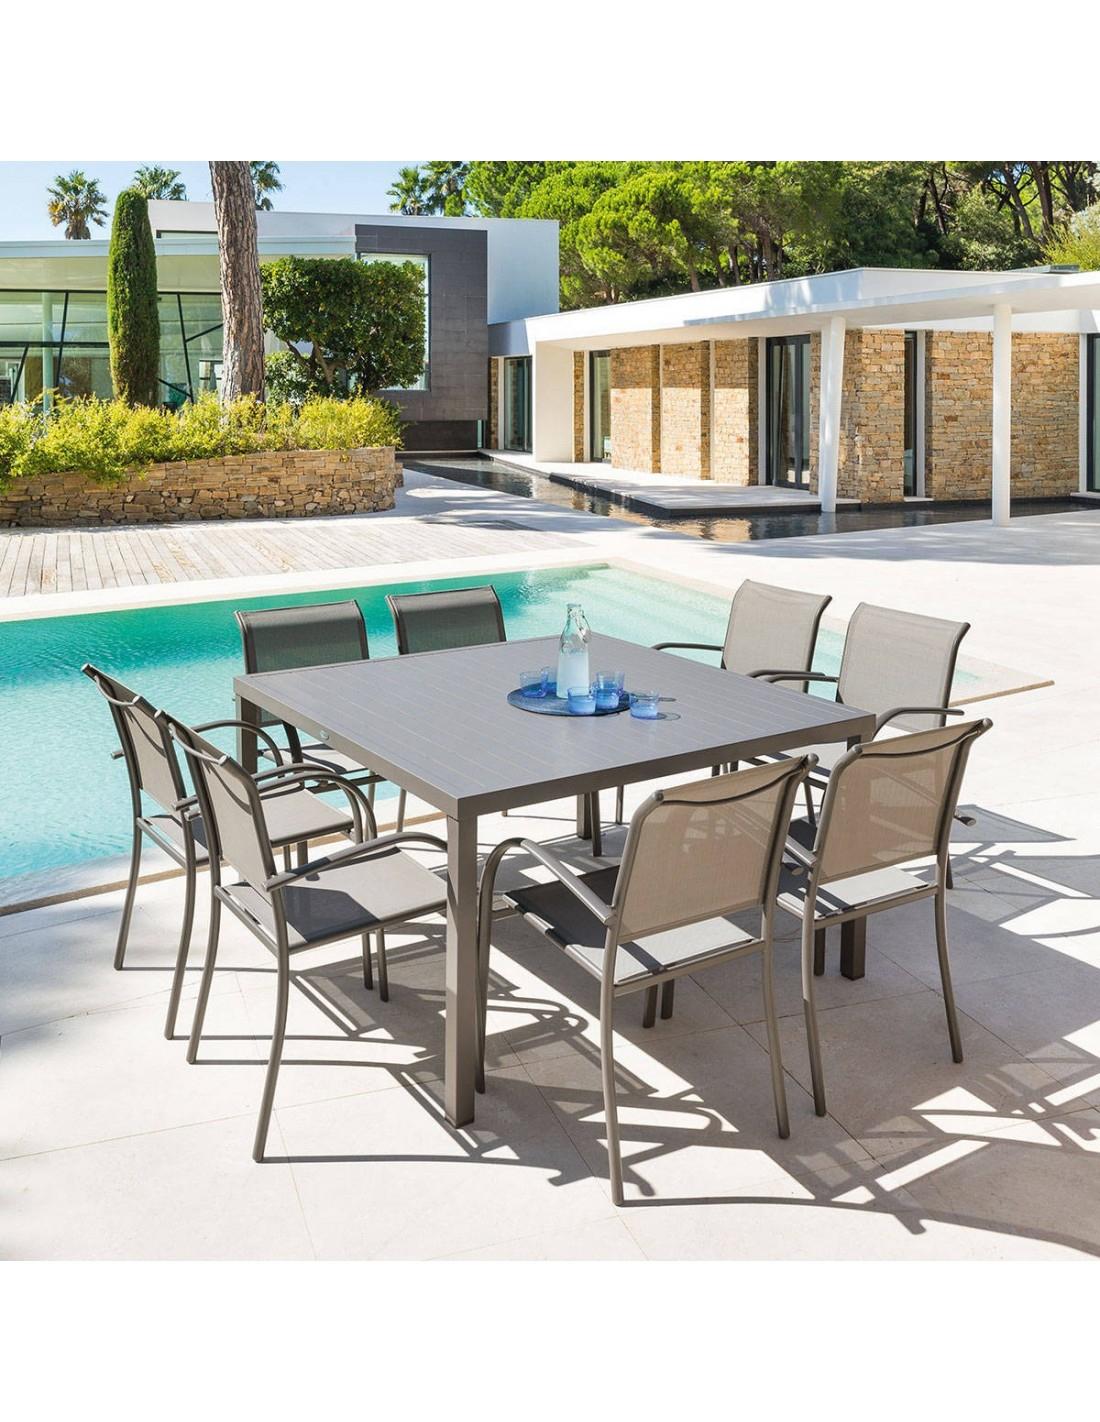 Table De Jardin Piazza Carrée - 8 Places - Aluminium - Hesperide dedans Table Jardin Hesperide